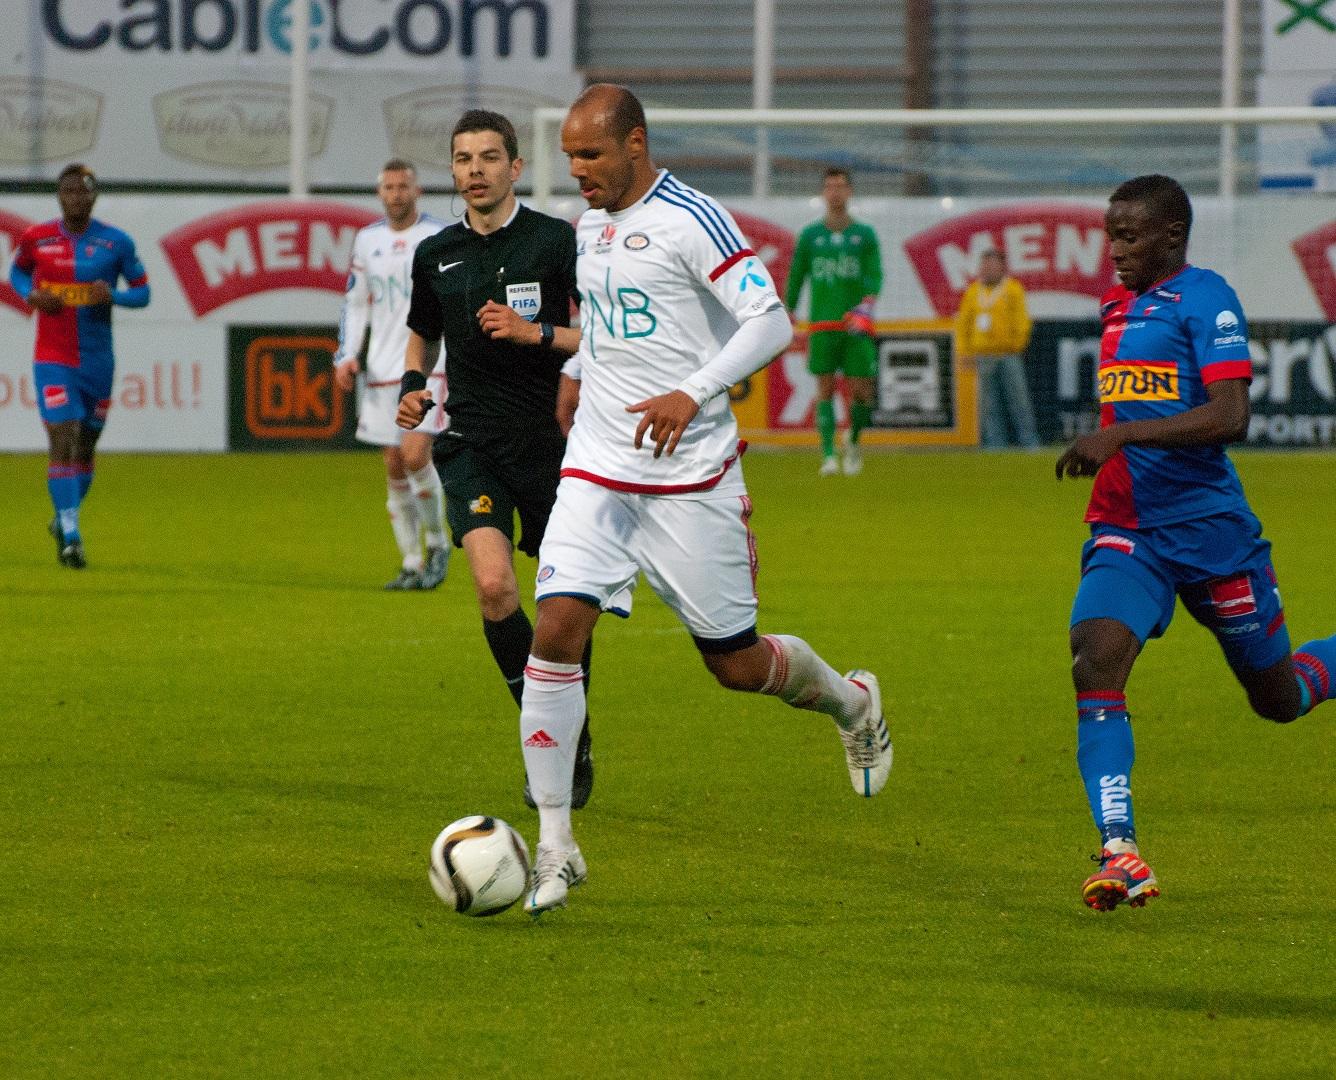 Daniel Braaten. Foto: Hjesus.com